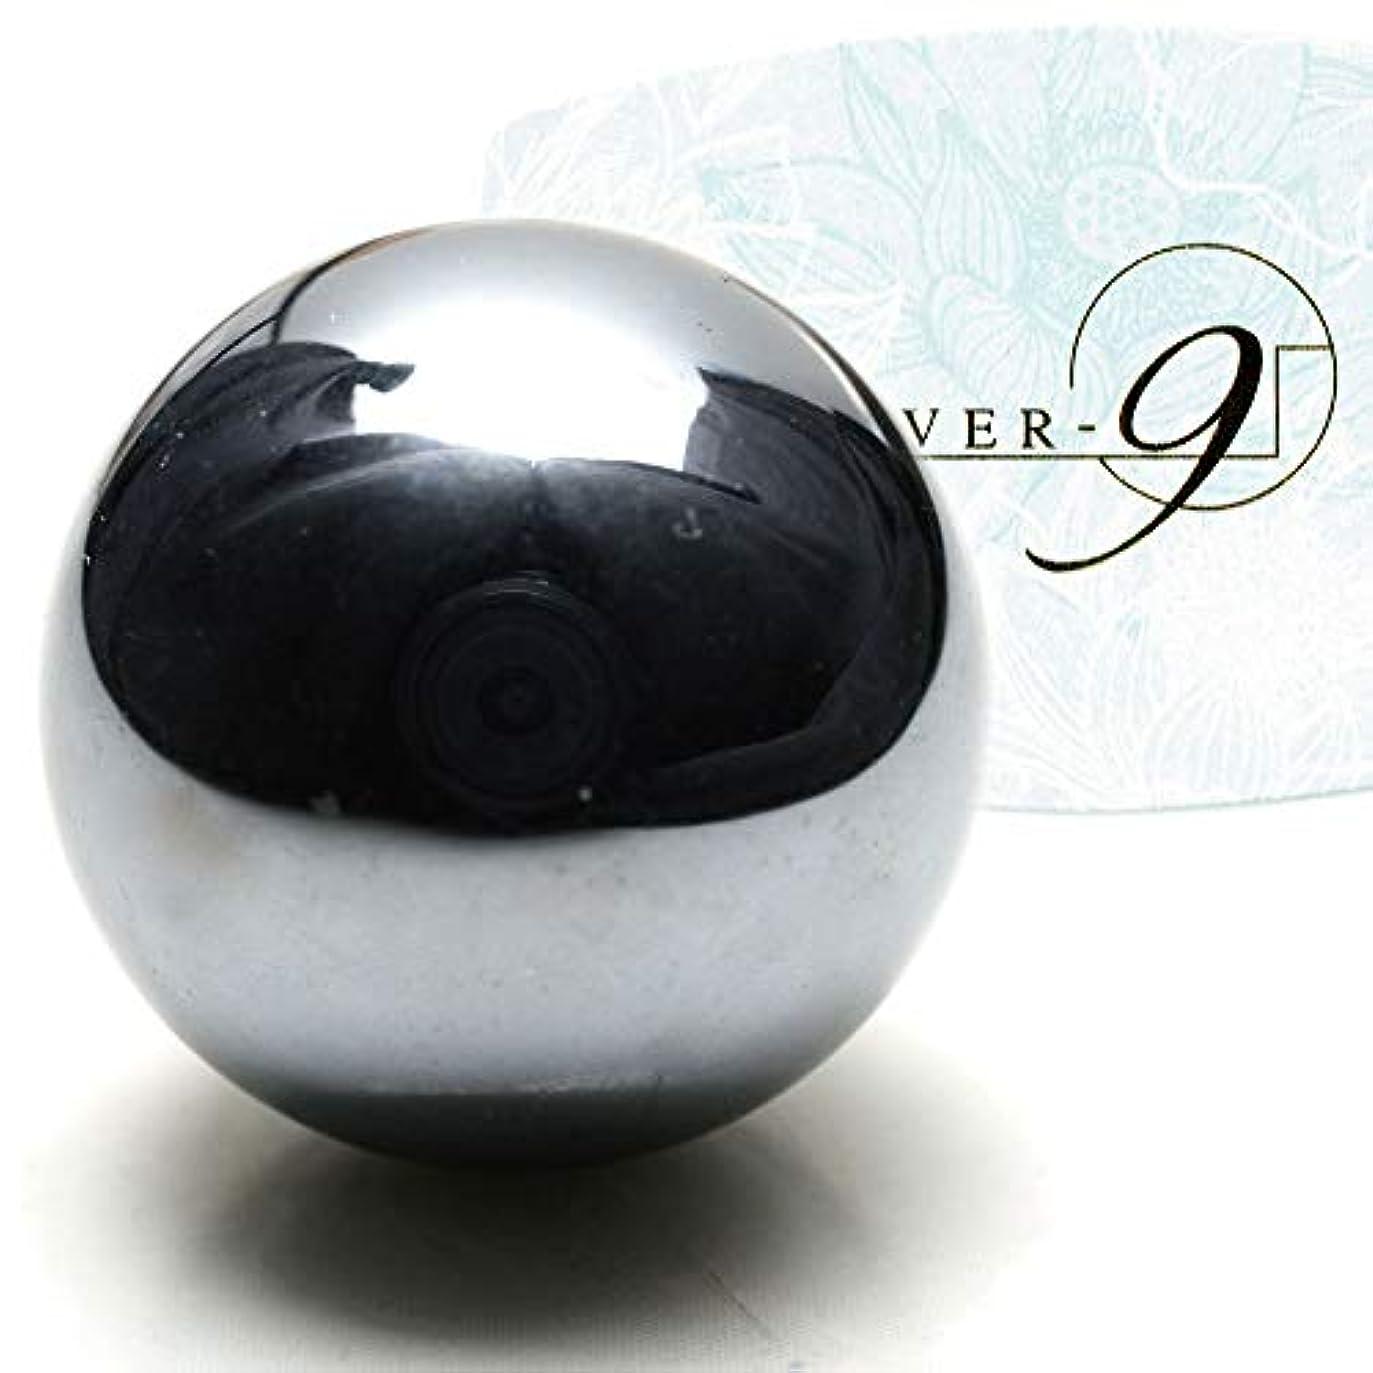 依存するカルシウム影響力のあるテラヘルツ ボール 20mm 丸玉 マッサージボール 公的機関にて検査済み!パワーストーン 天然石 健康 美容 美顔 かっさ グッズ